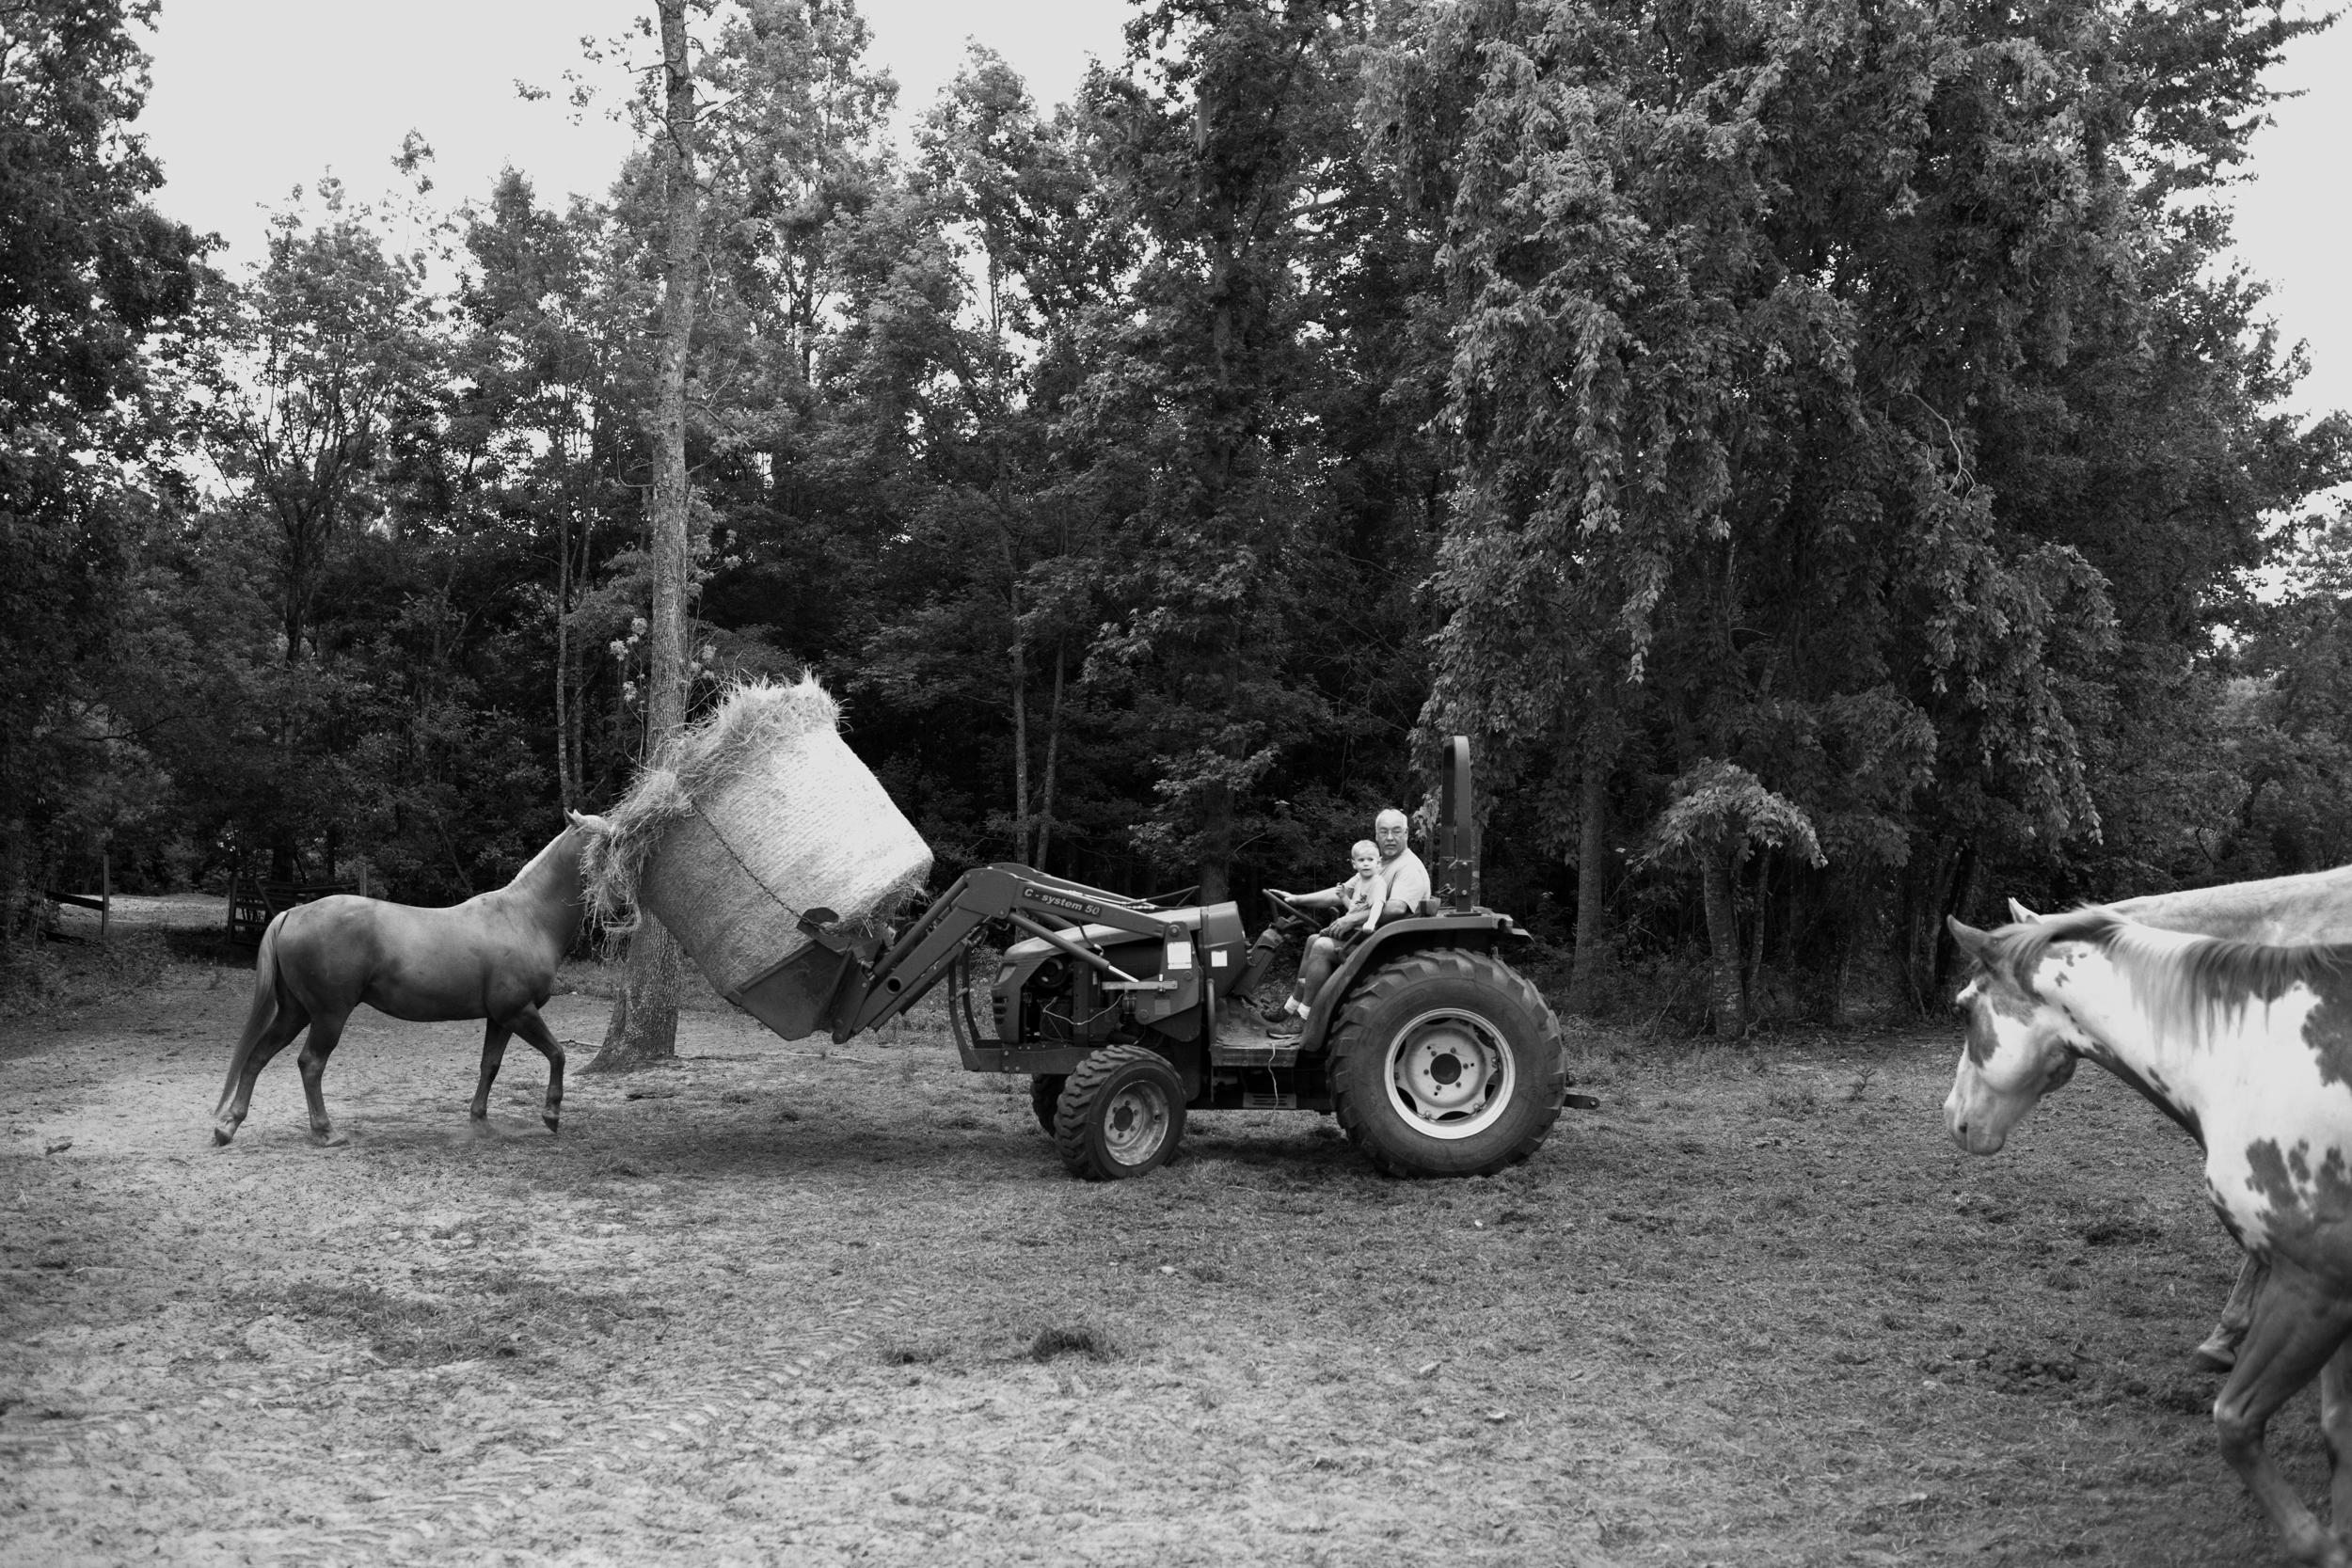 jacksonville-family-photographer-documentary-13.jpg